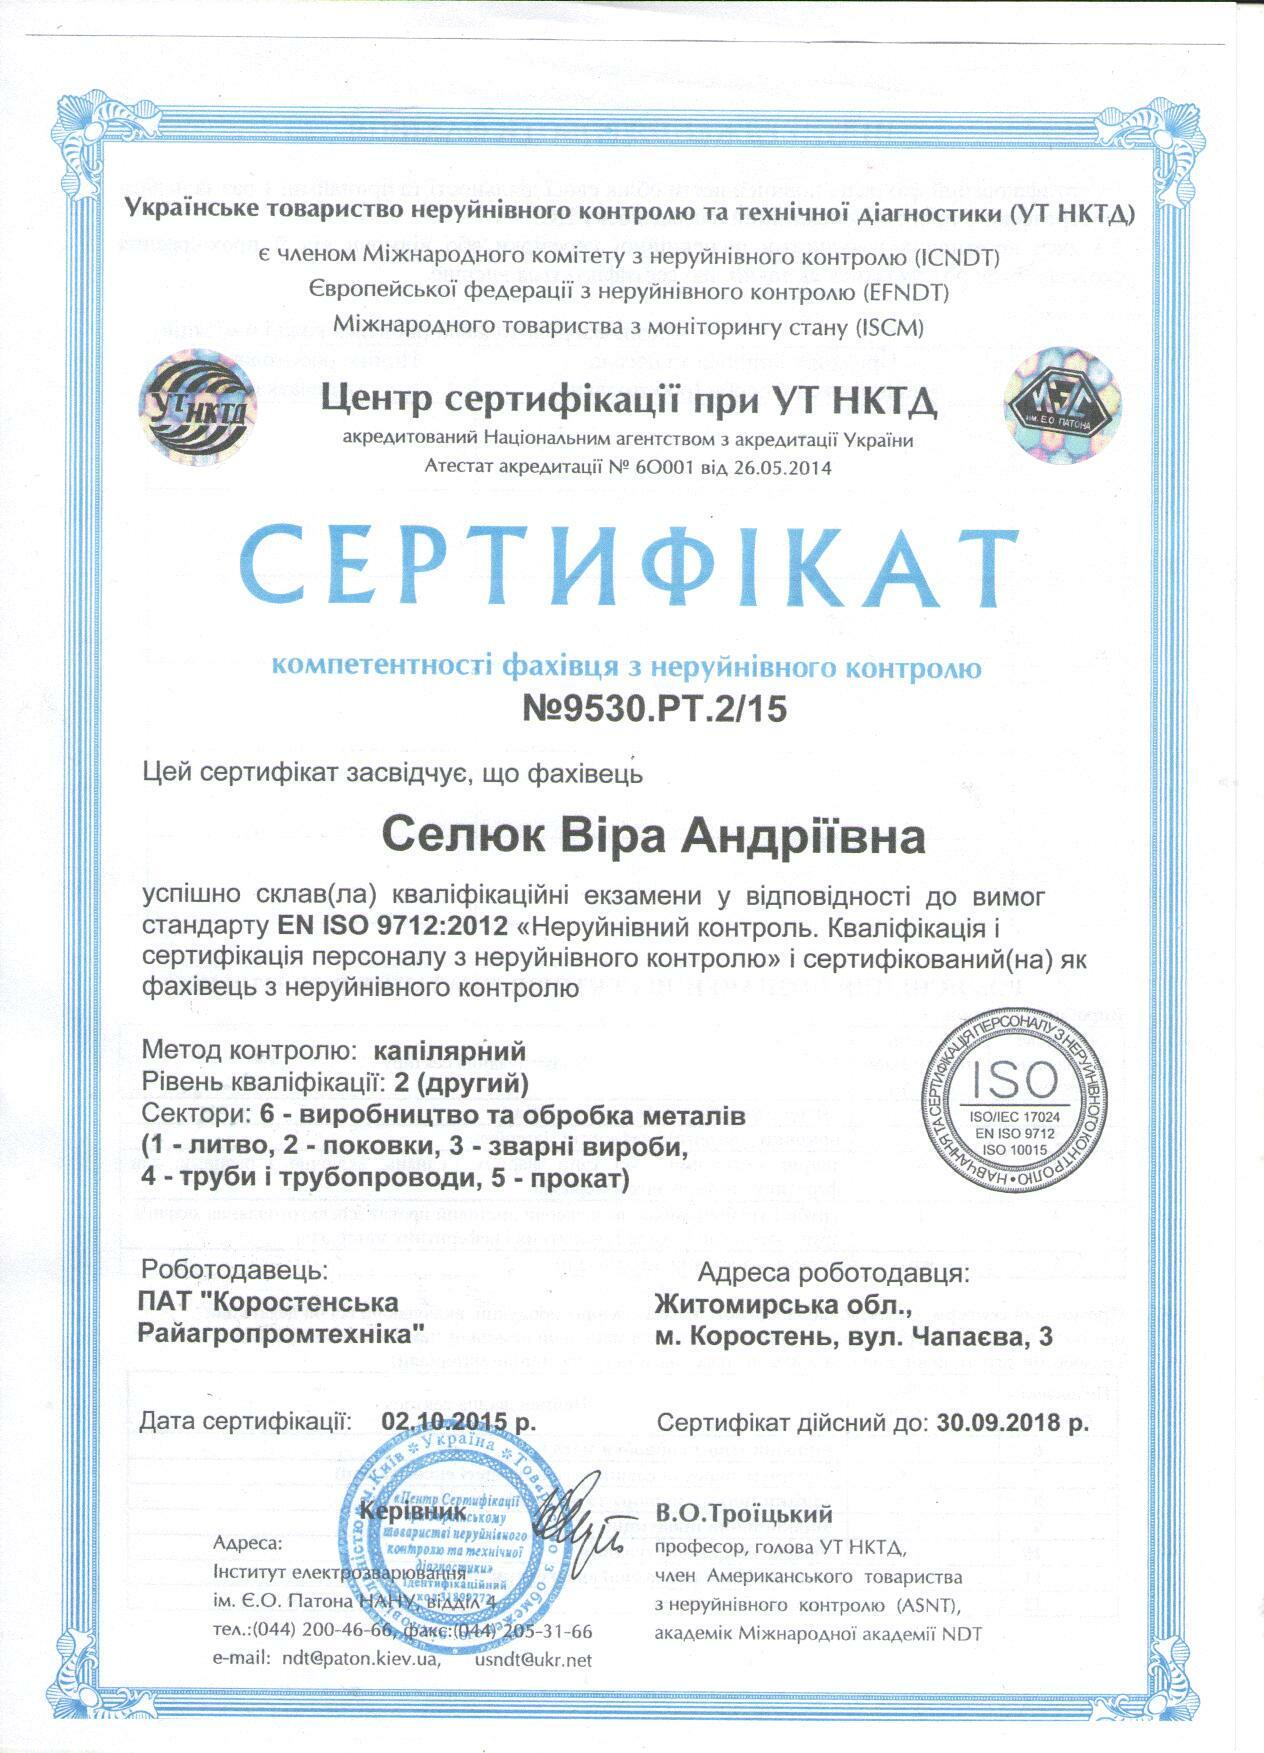 КРАПТ- компания производитель